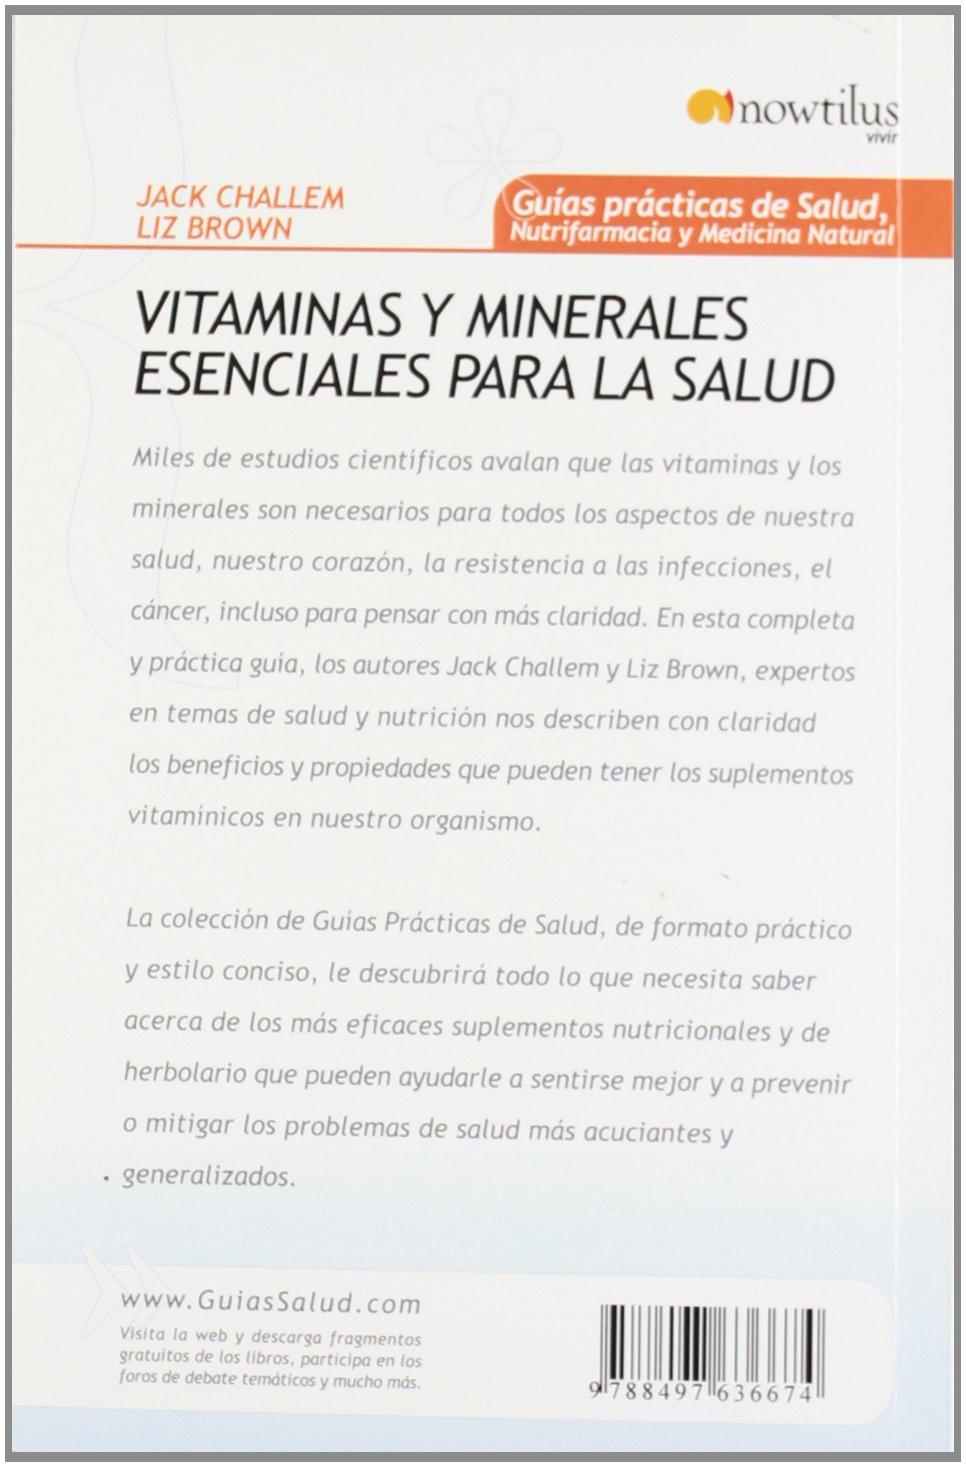 Vitaminas y minerales esenciales para la salud (Spanish Edition): Jack Challem: 9788497636674: Amazon.com: Books